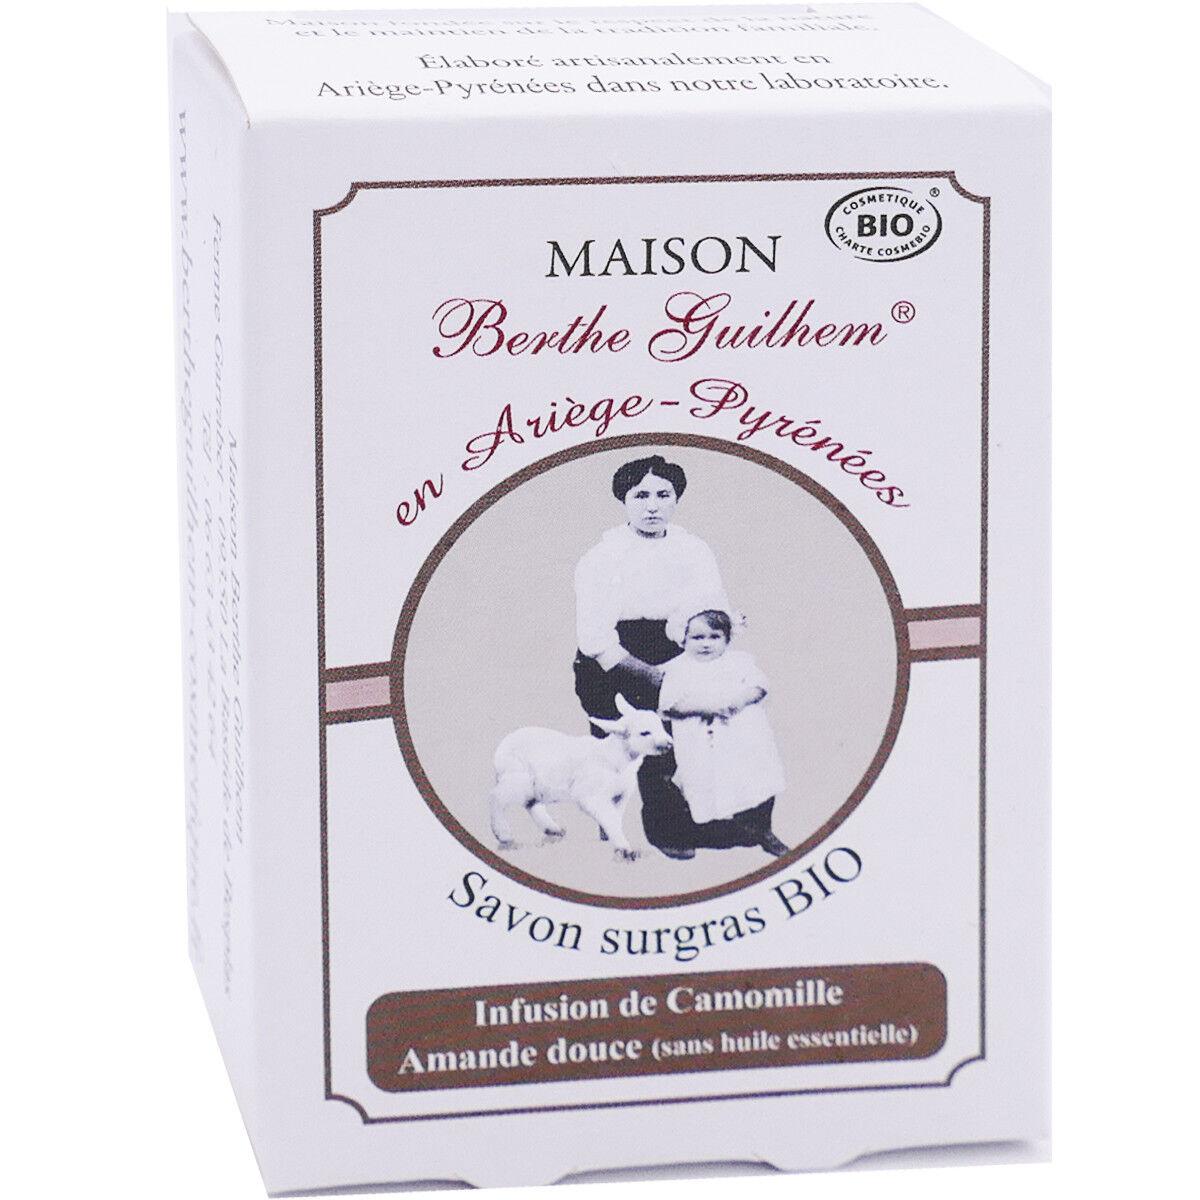 Berthe guilhem savon surgras bio 100g infusion de camomille amande douce